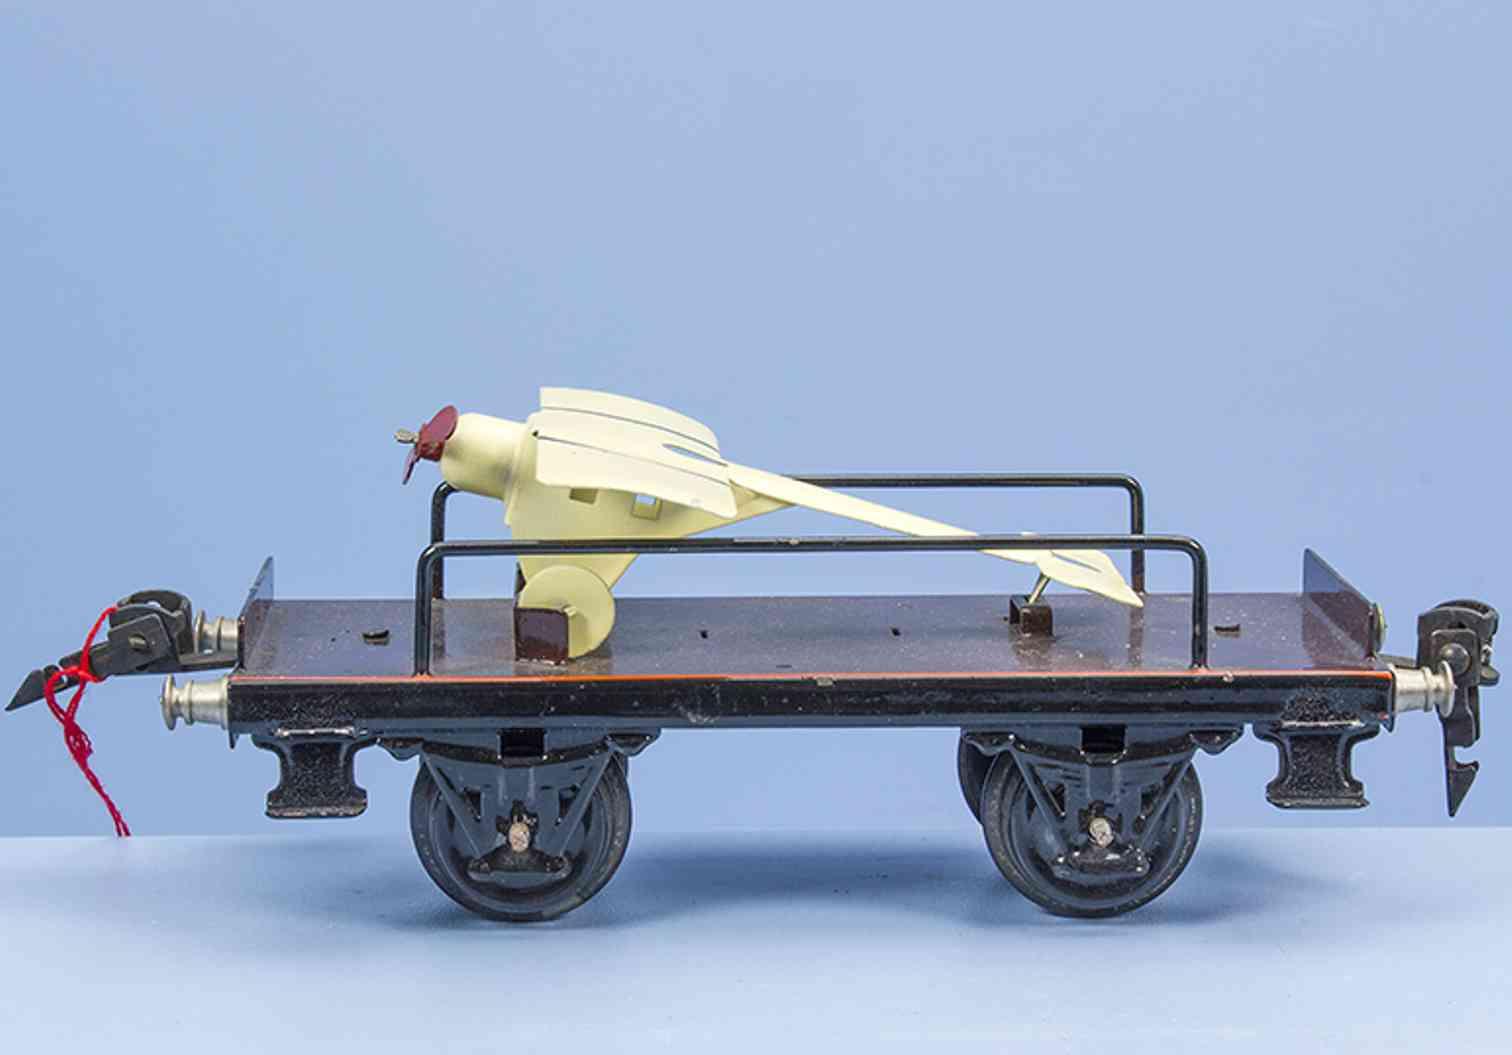 maerklin 1996/0 spielzeug eisenbahn plattformwagen flugzeug spur 0